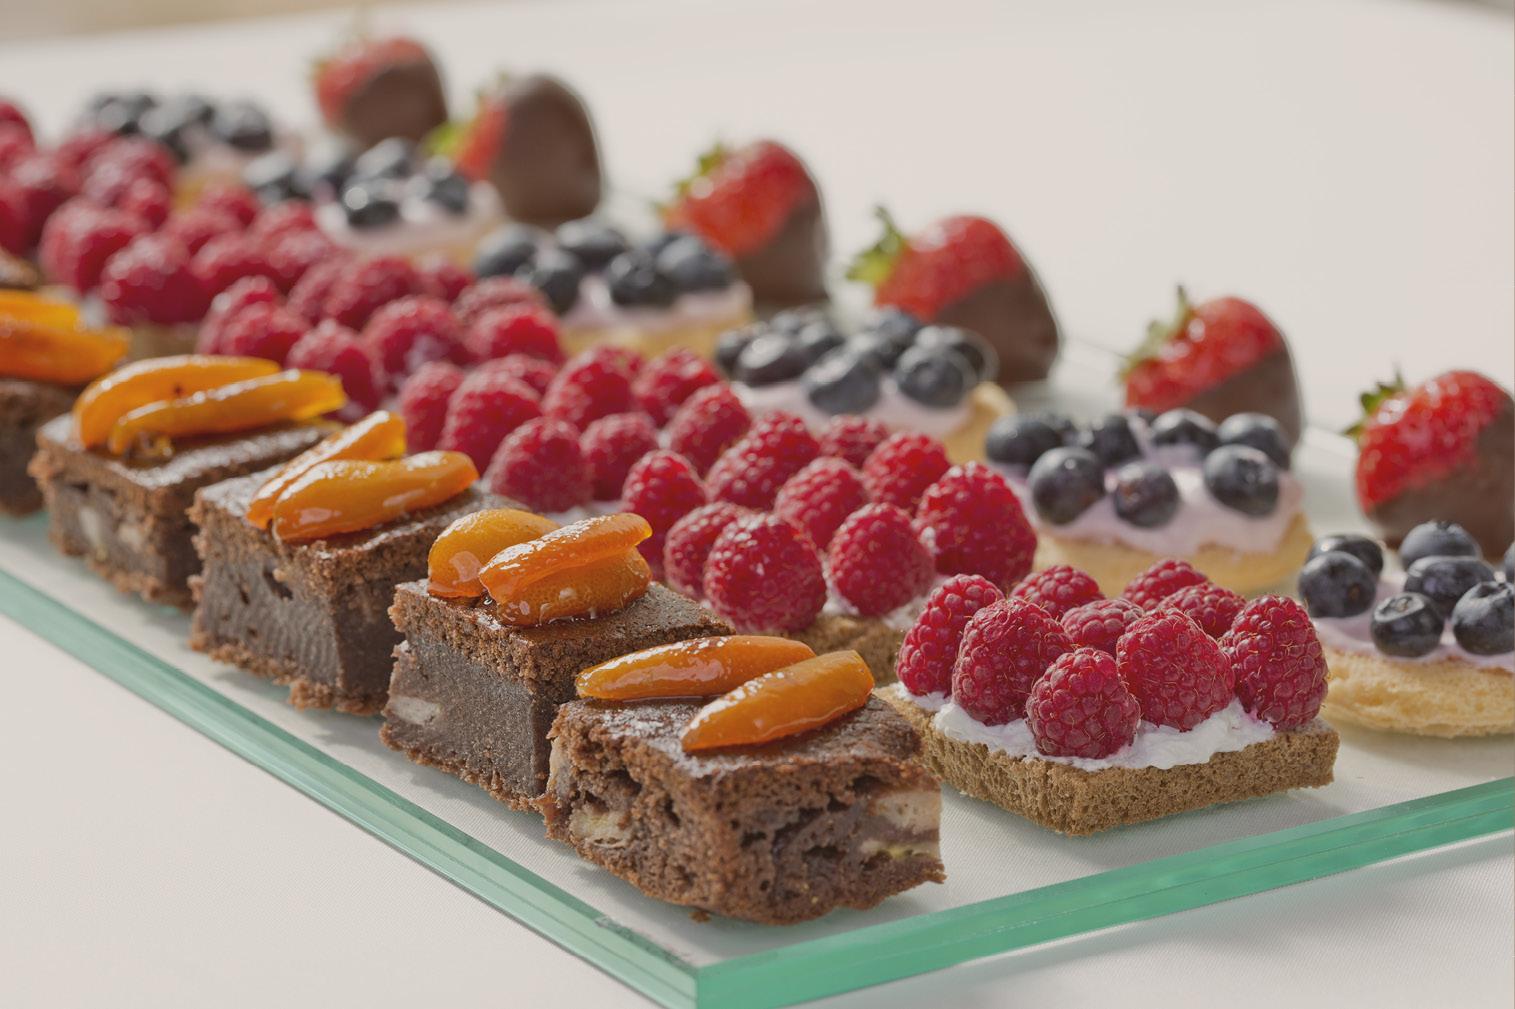 GODUTO_Patisserie_Desserts_1